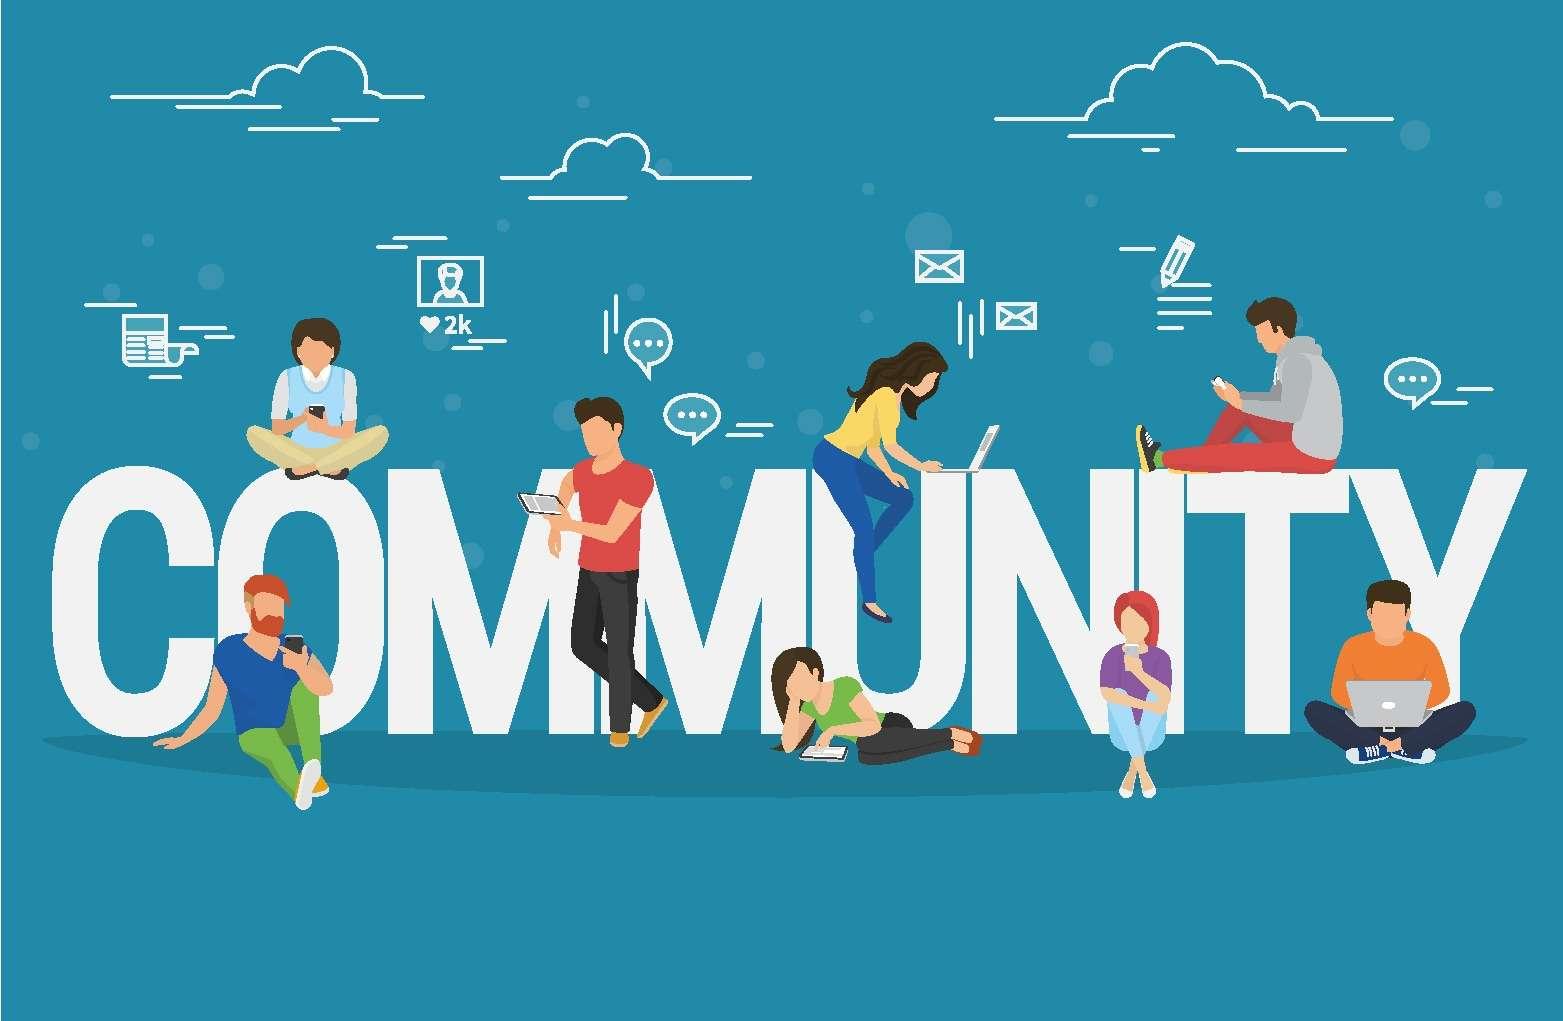 Social Community e comunicazione aziendale OMR - informazione, valori, etica e idee